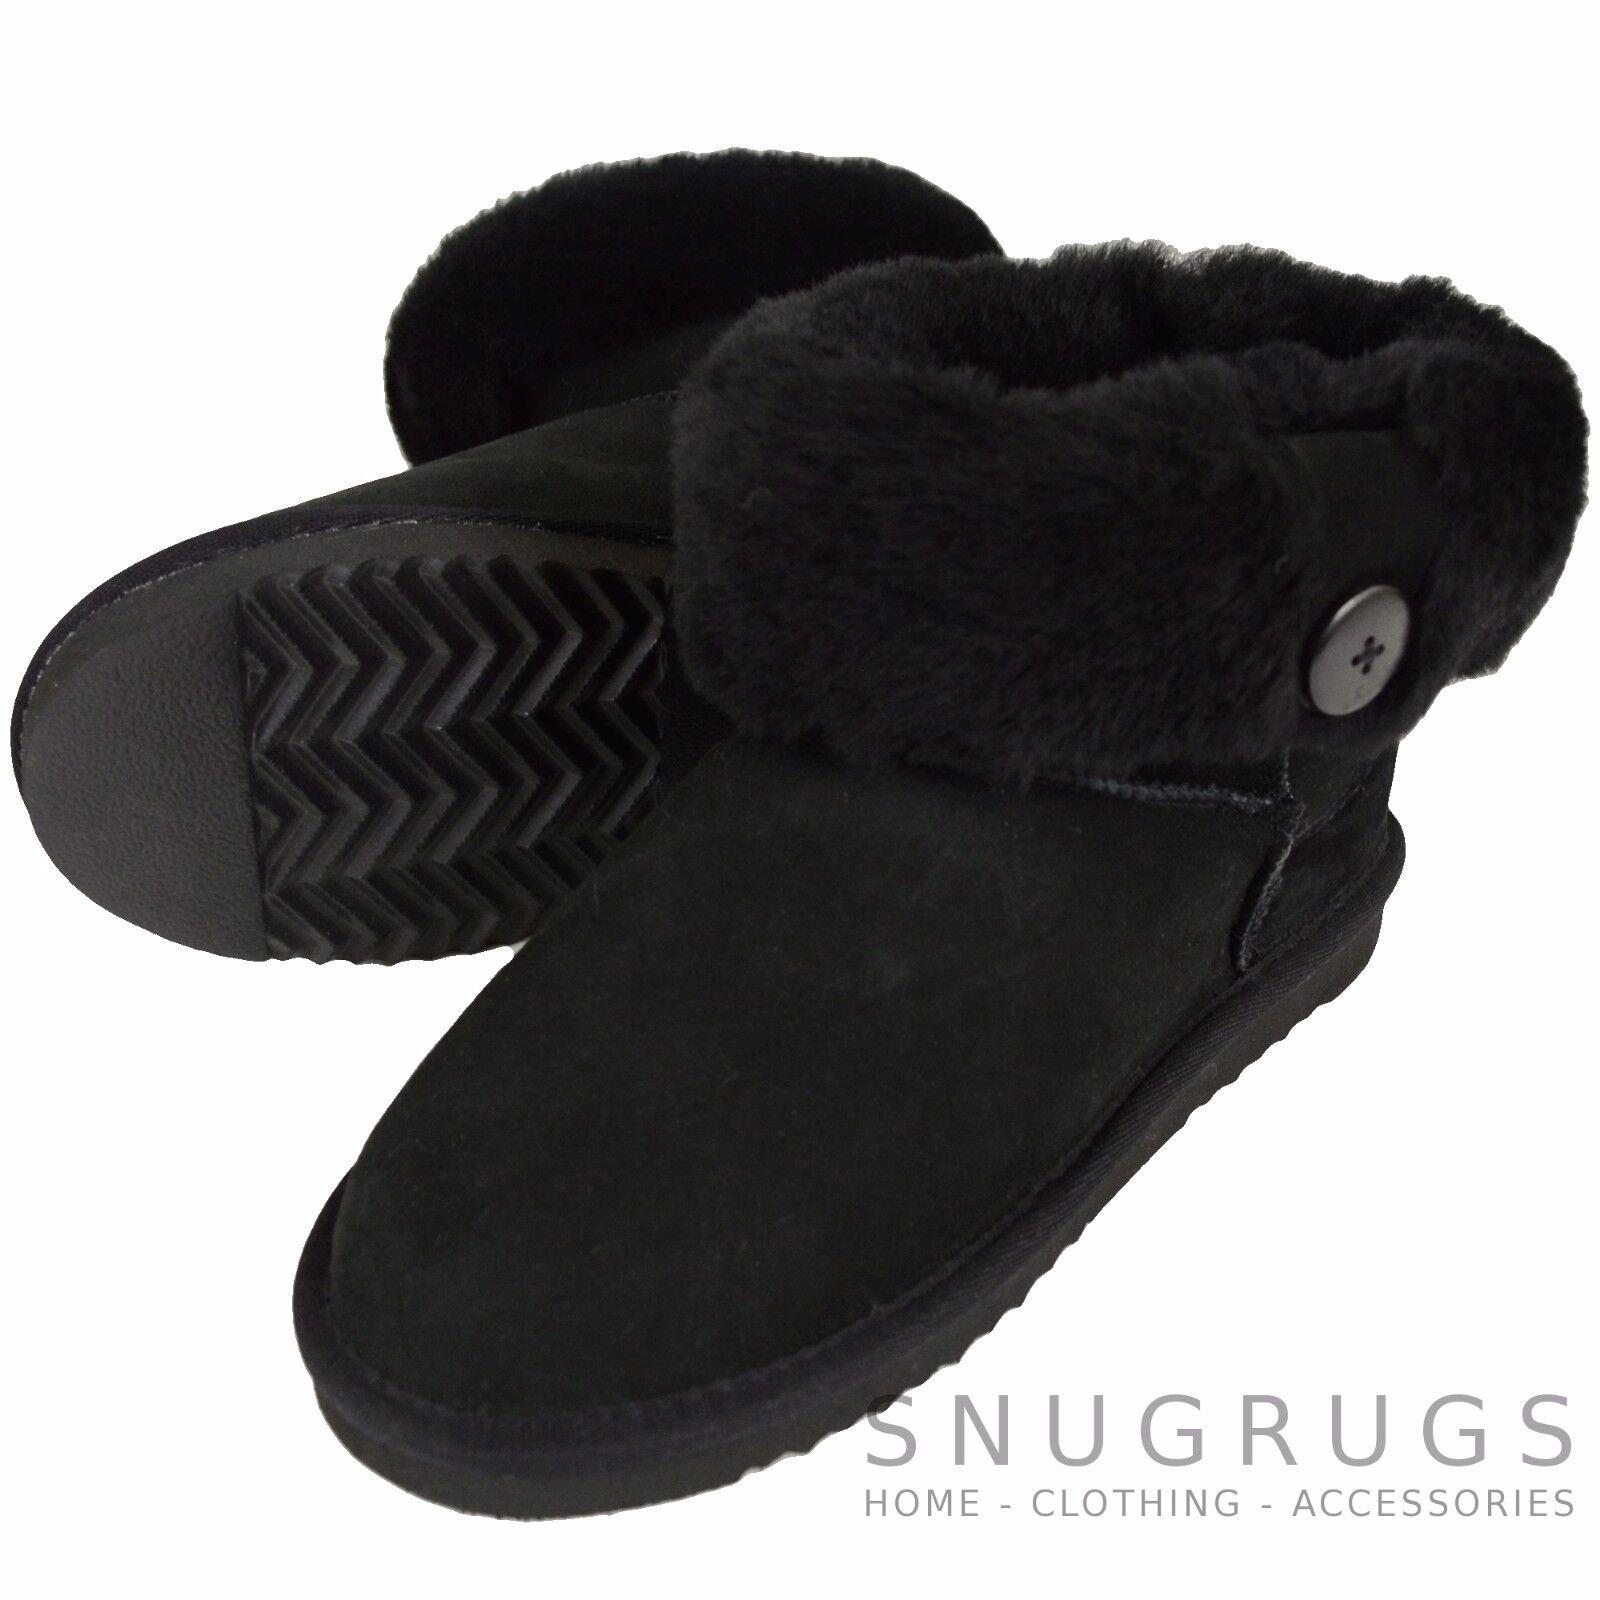 Damen / für Stiefel Damen, volle Schafspelz wadenlang Down Shorts Stiefel für KNOPF DESIGN a624bd